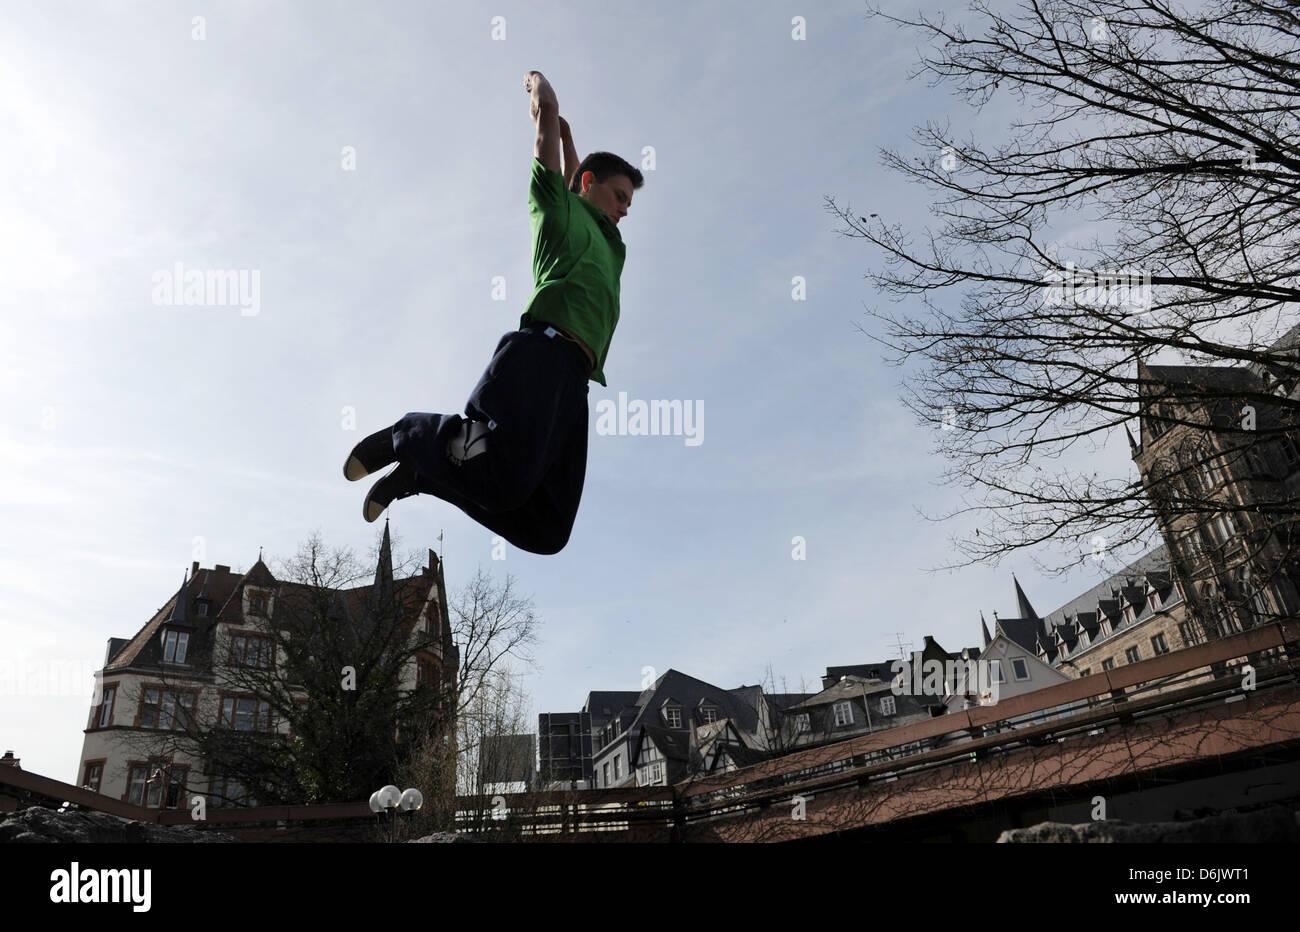 Marko salta sopra la fontana sul Rudolphsplatz in Marburg, Germania, 27 marzo 2012. Il parkour è uno sport Immagini Stock